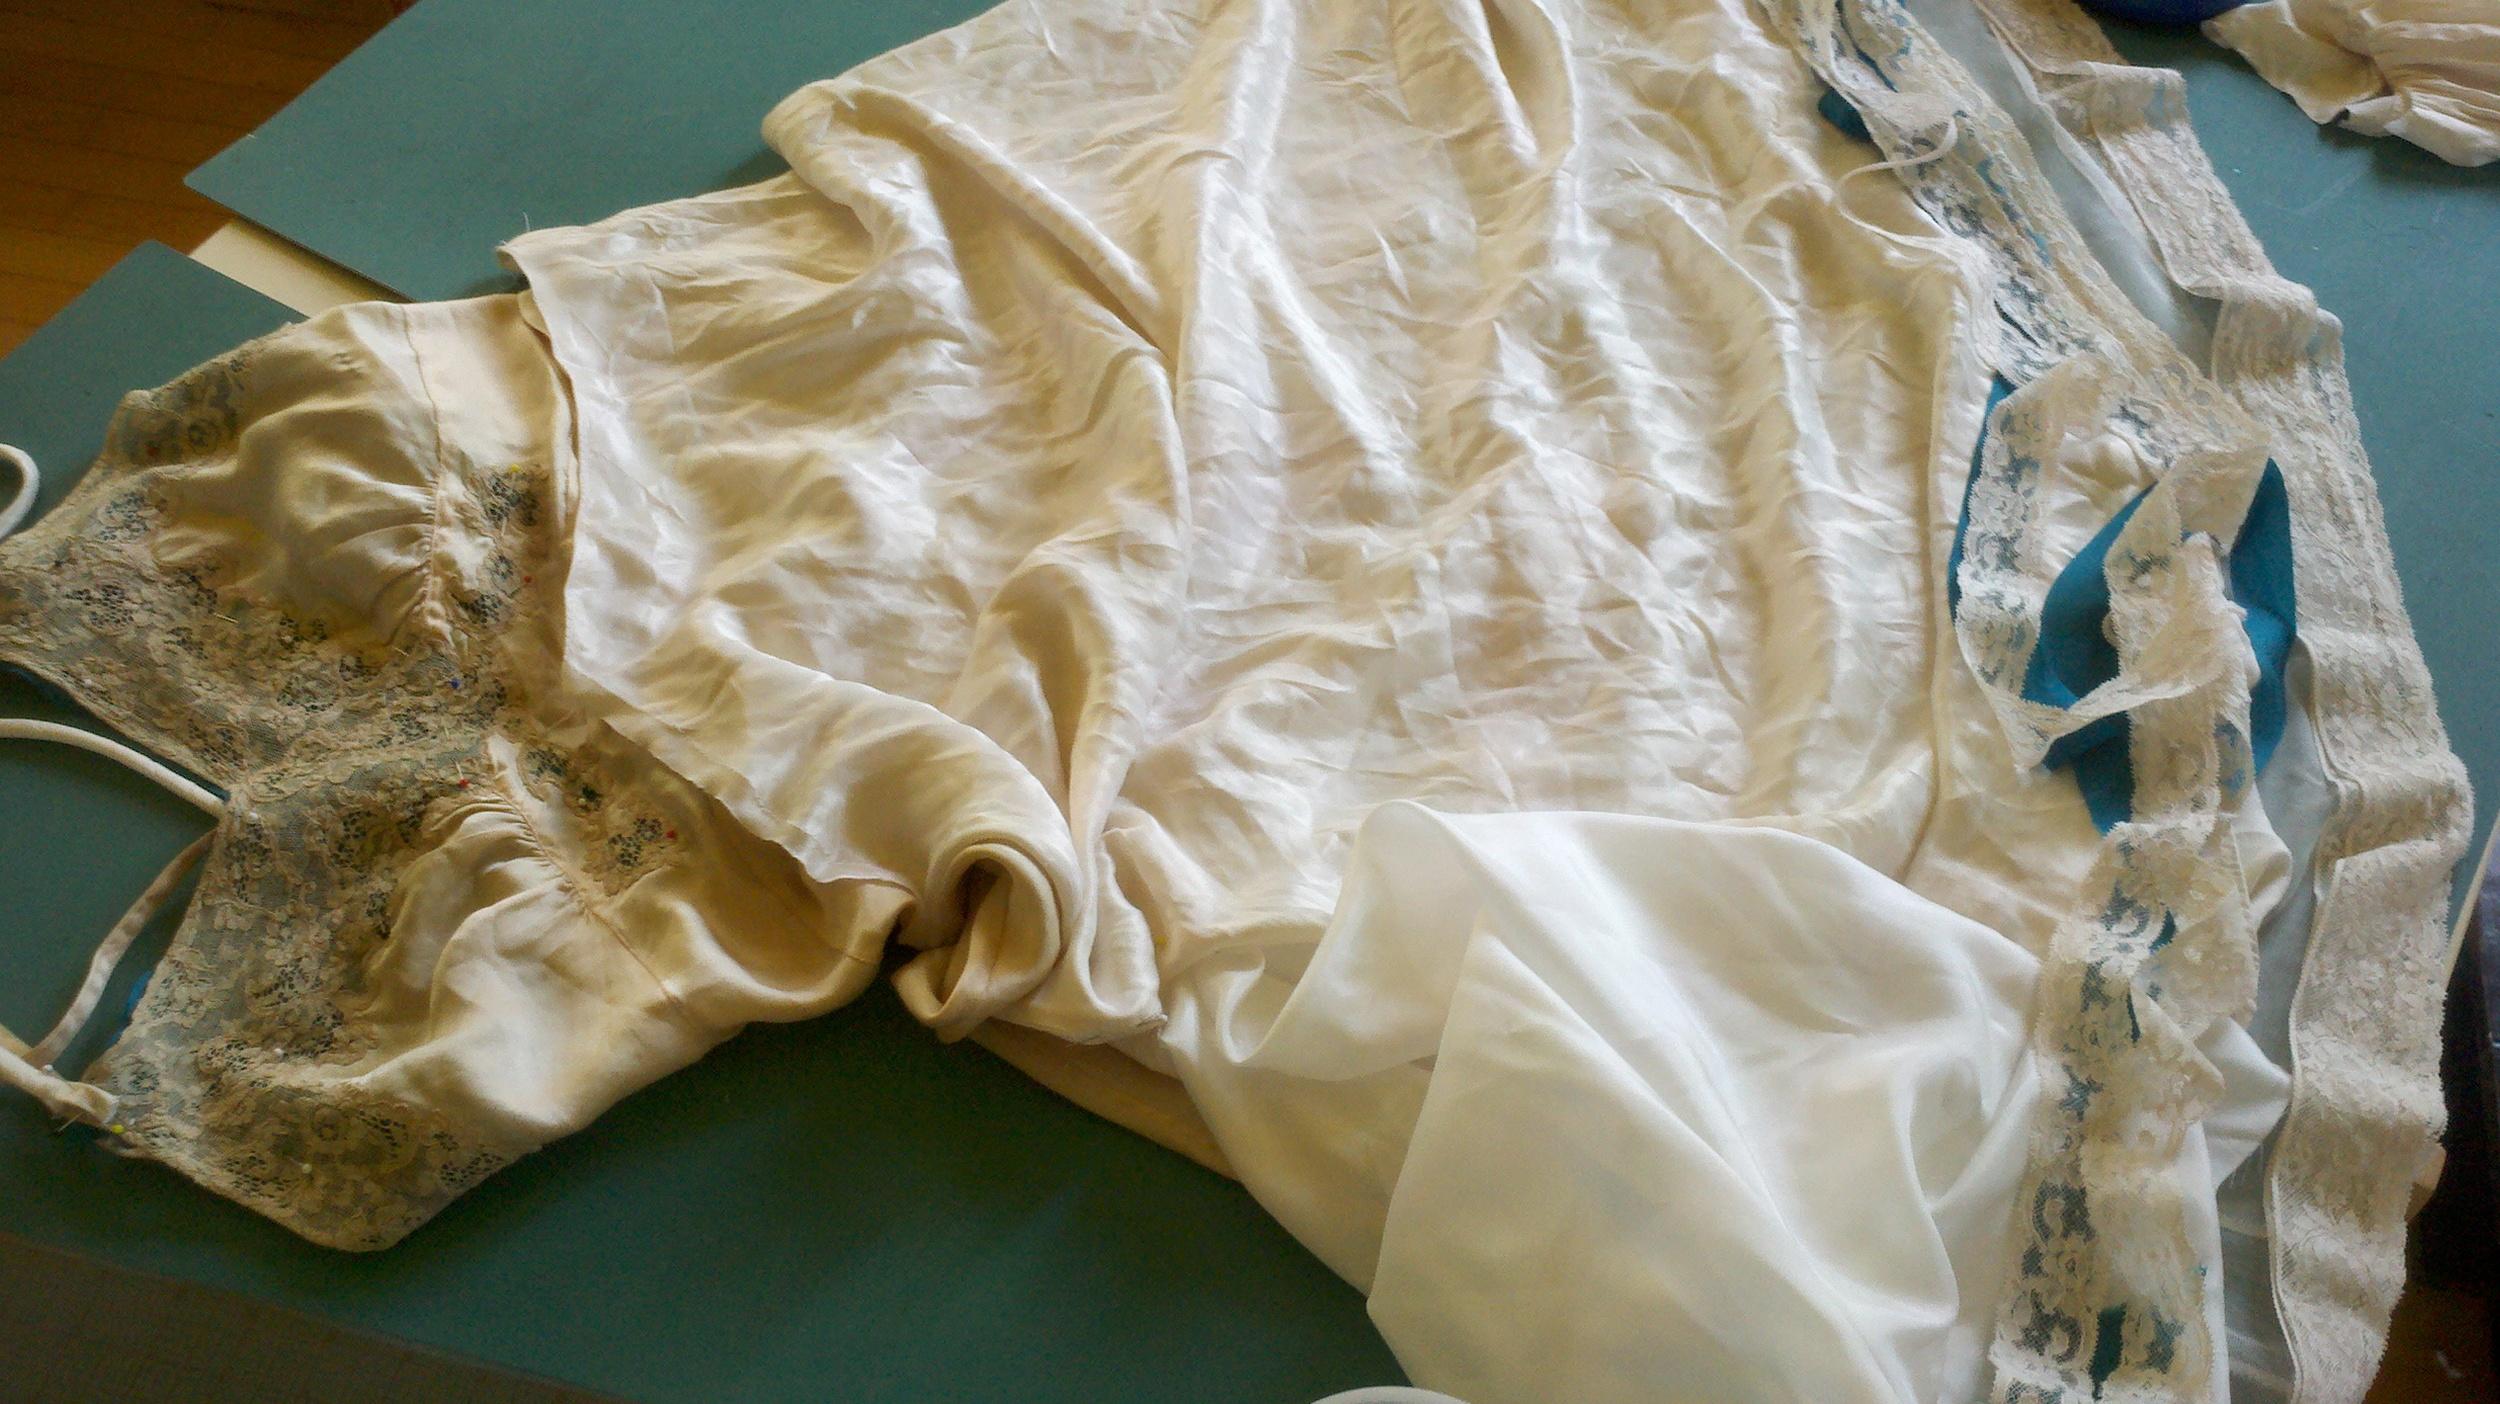 2011-09-14_16-07-30_587.jpg